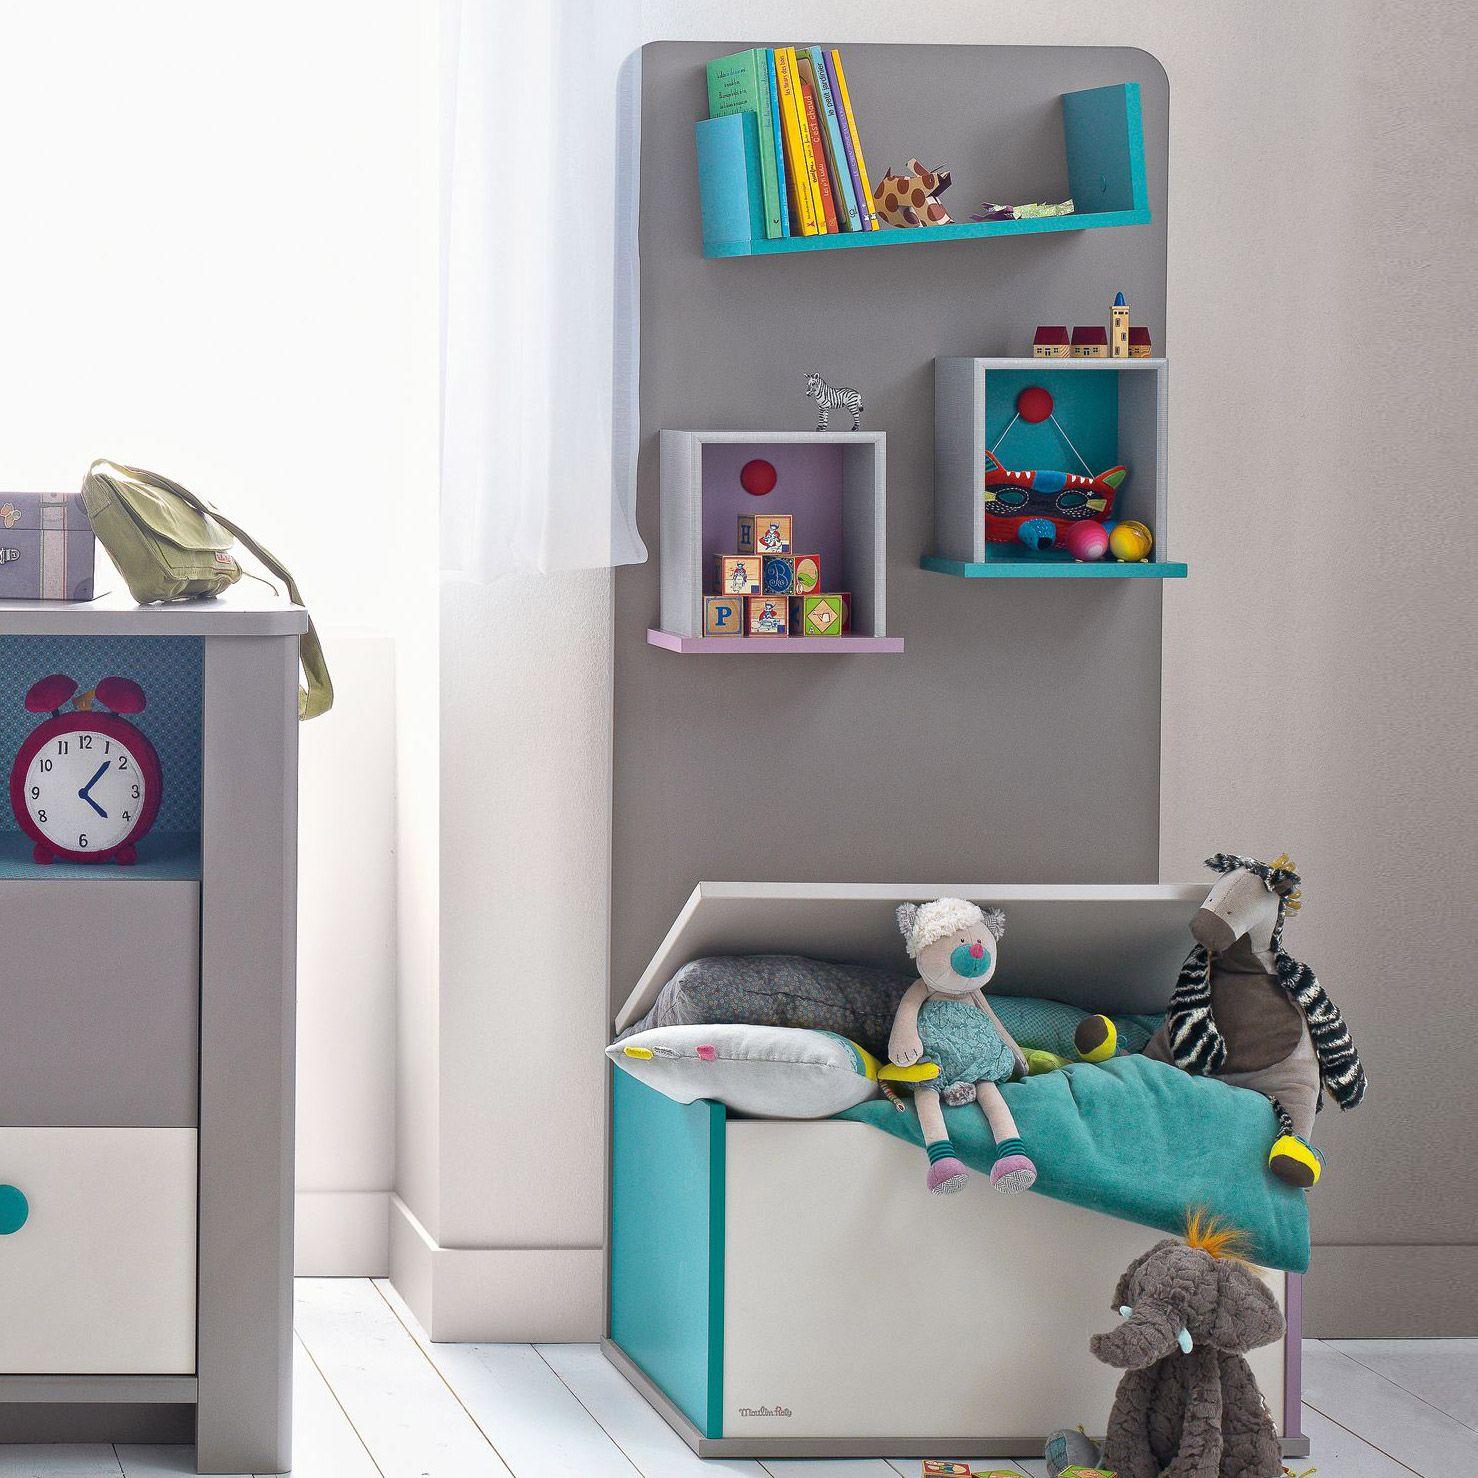 Biblioth que taupe avec coffre jouets pour chambre b b enfant calisson moulin roty port - Coffre chambre ...